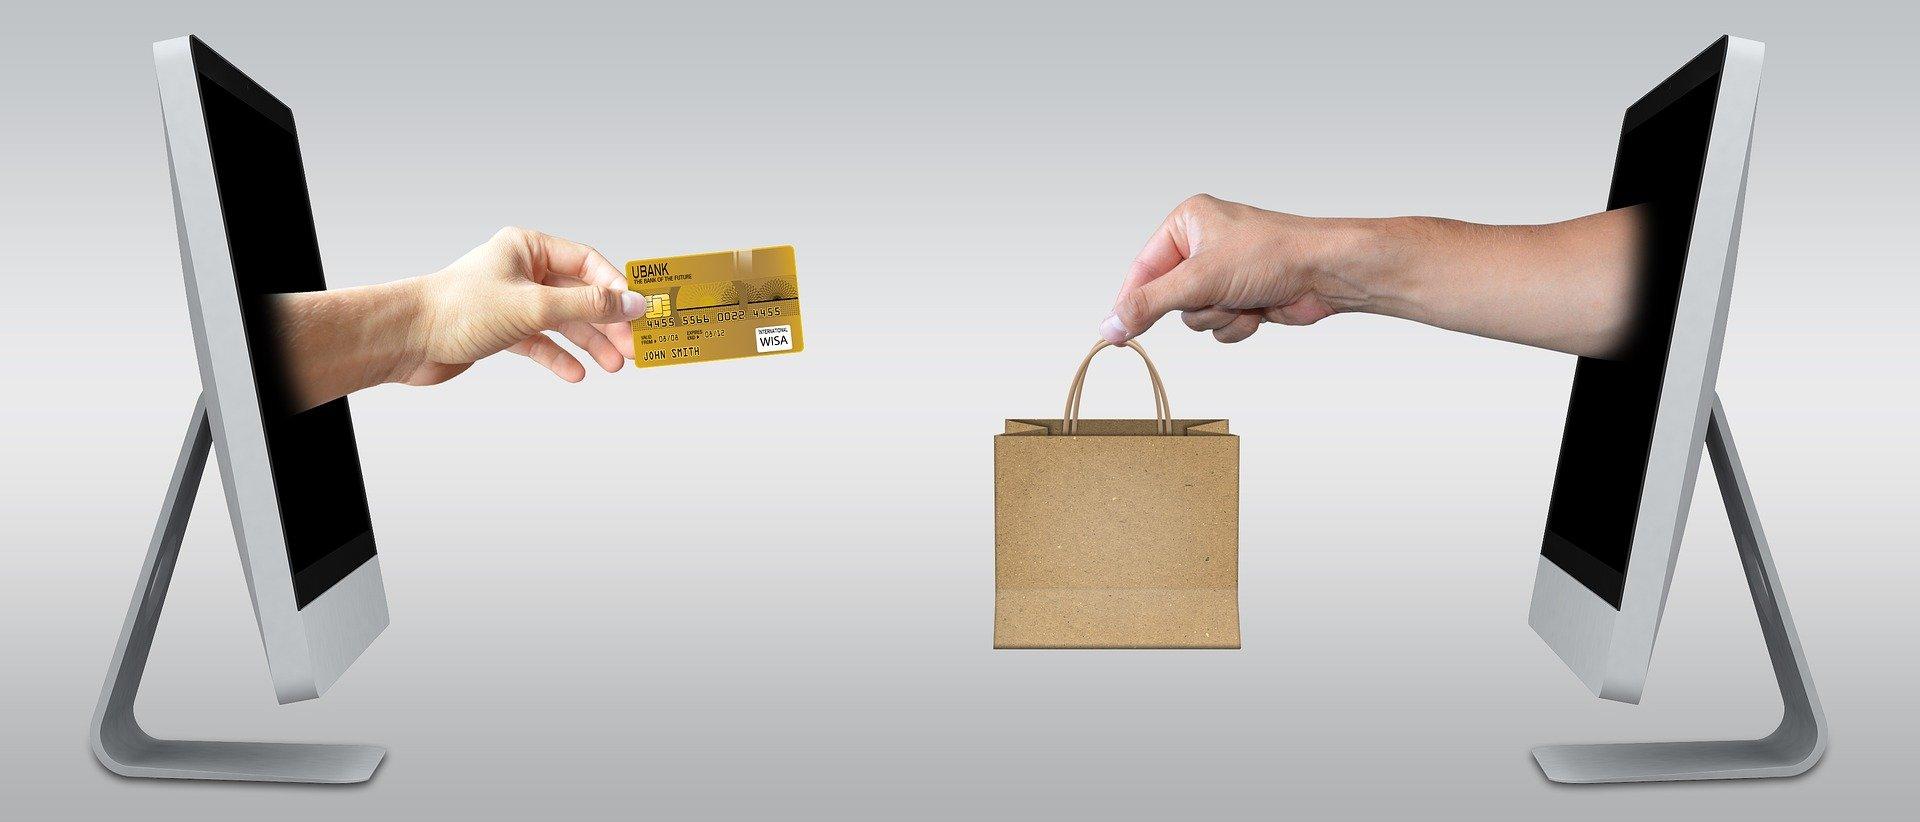 Read more about the article Existe-t-il un outil permettant de dénicher les produits gagnants dropshipping ?